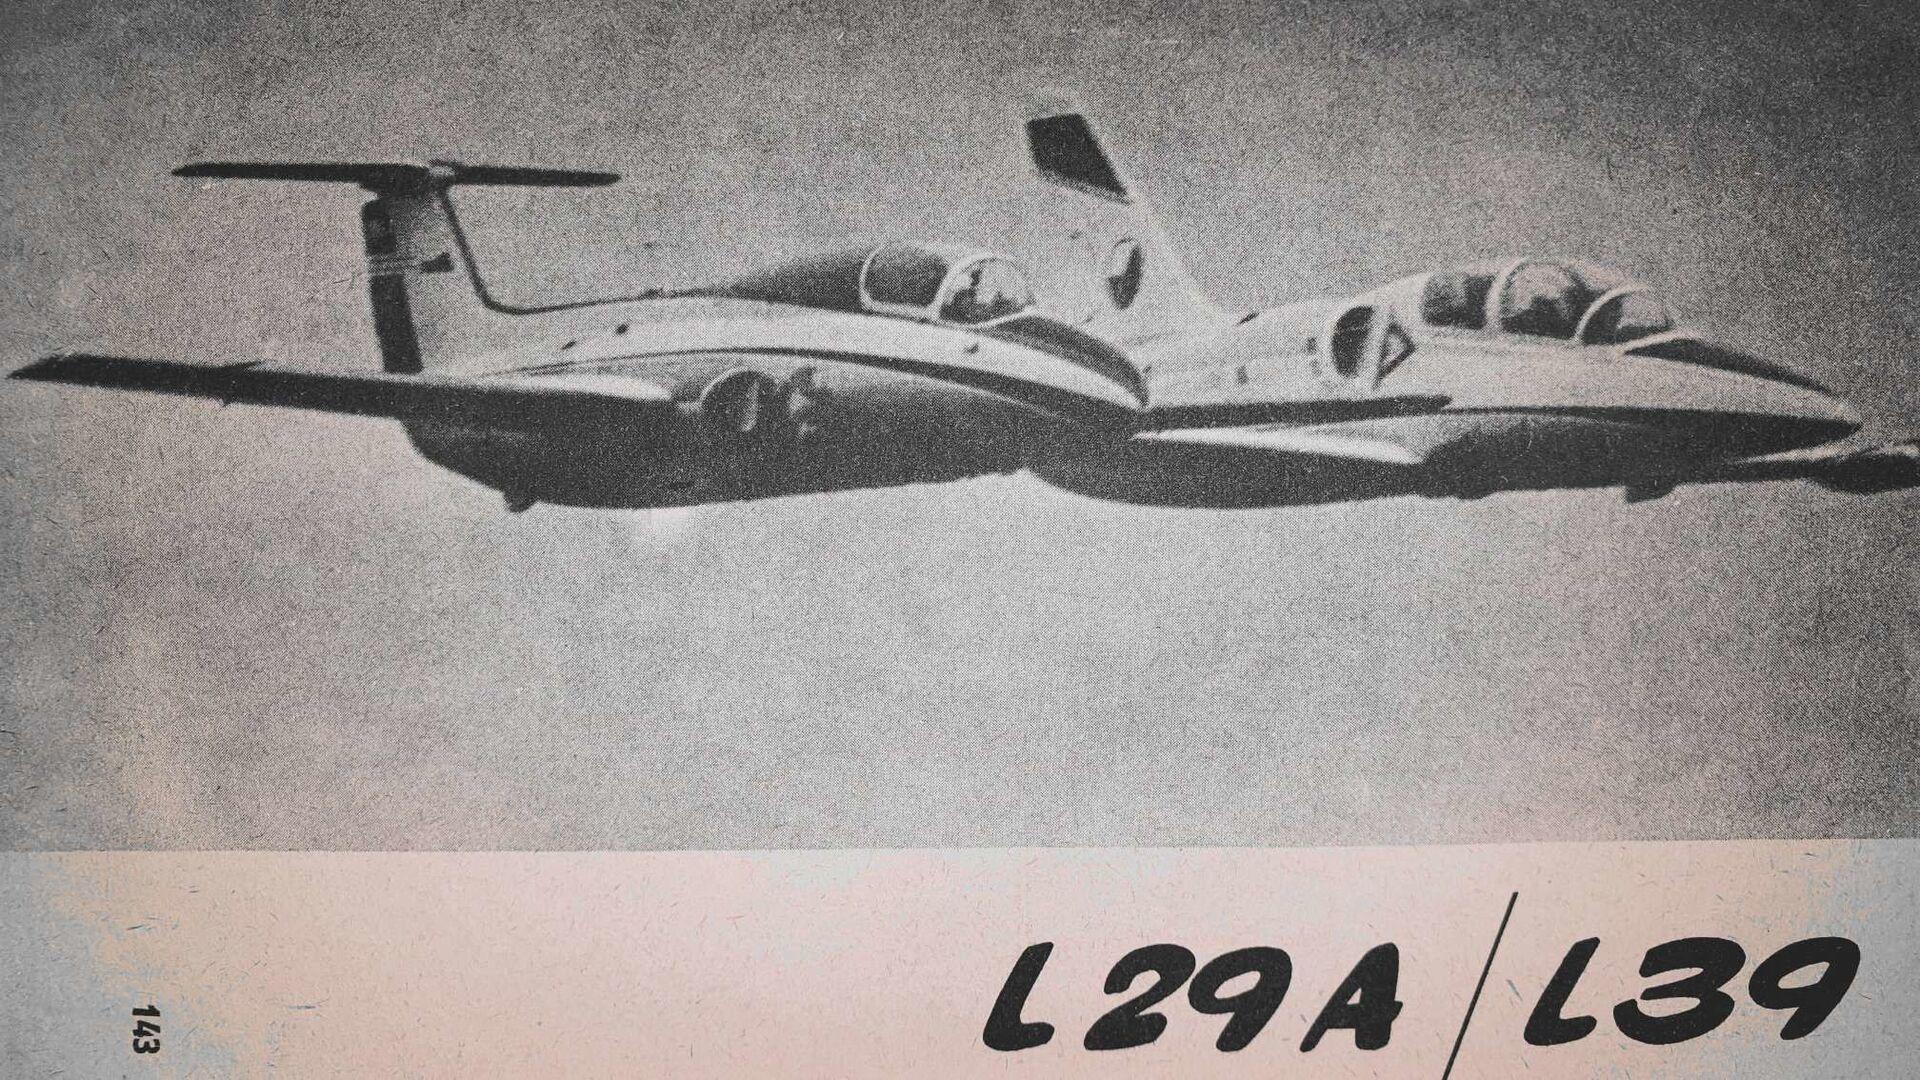 Legenda cvičných letounů typu L má tradici spadající do dalekých let šedesátých. L-39 NG pokračuje linii L-29 i L-39... L+K '73. Hlavní inovace jsou v oblasti materiálů a avioniky. - Sputnik Česká republika, 1920, 20.04.2021